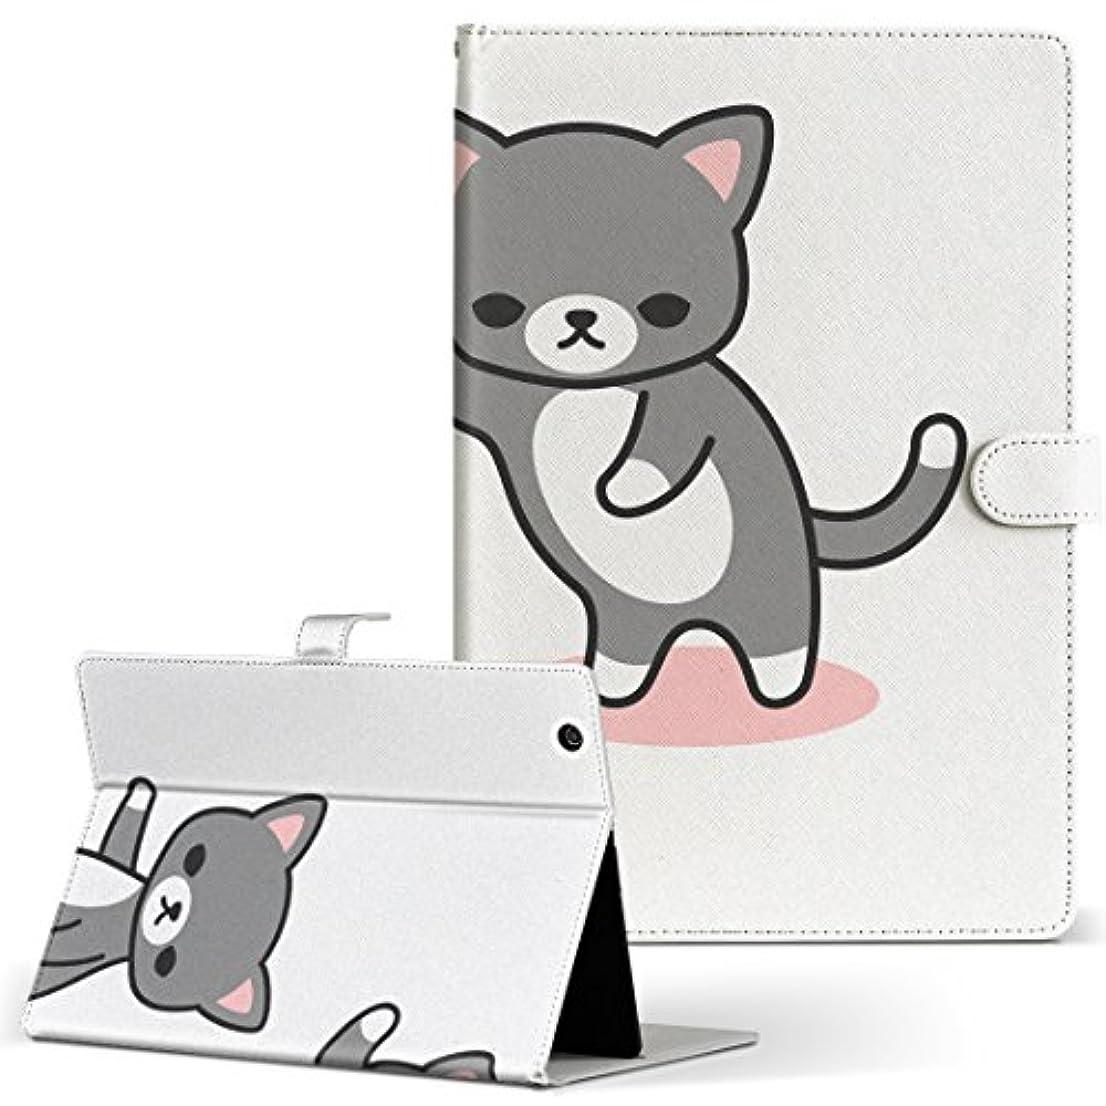 独立してレディ祝うigcase d-01J dtab Compact Huawei ファーウェイ タブレット 手帳型 タブレットケース タブレットカバー カバー レザー ケース 手帳タイプ フリップ ダイアリー 二つ折り 直接貼り付けタイプ 004540 アニマル 猫 キャラクター シンプル